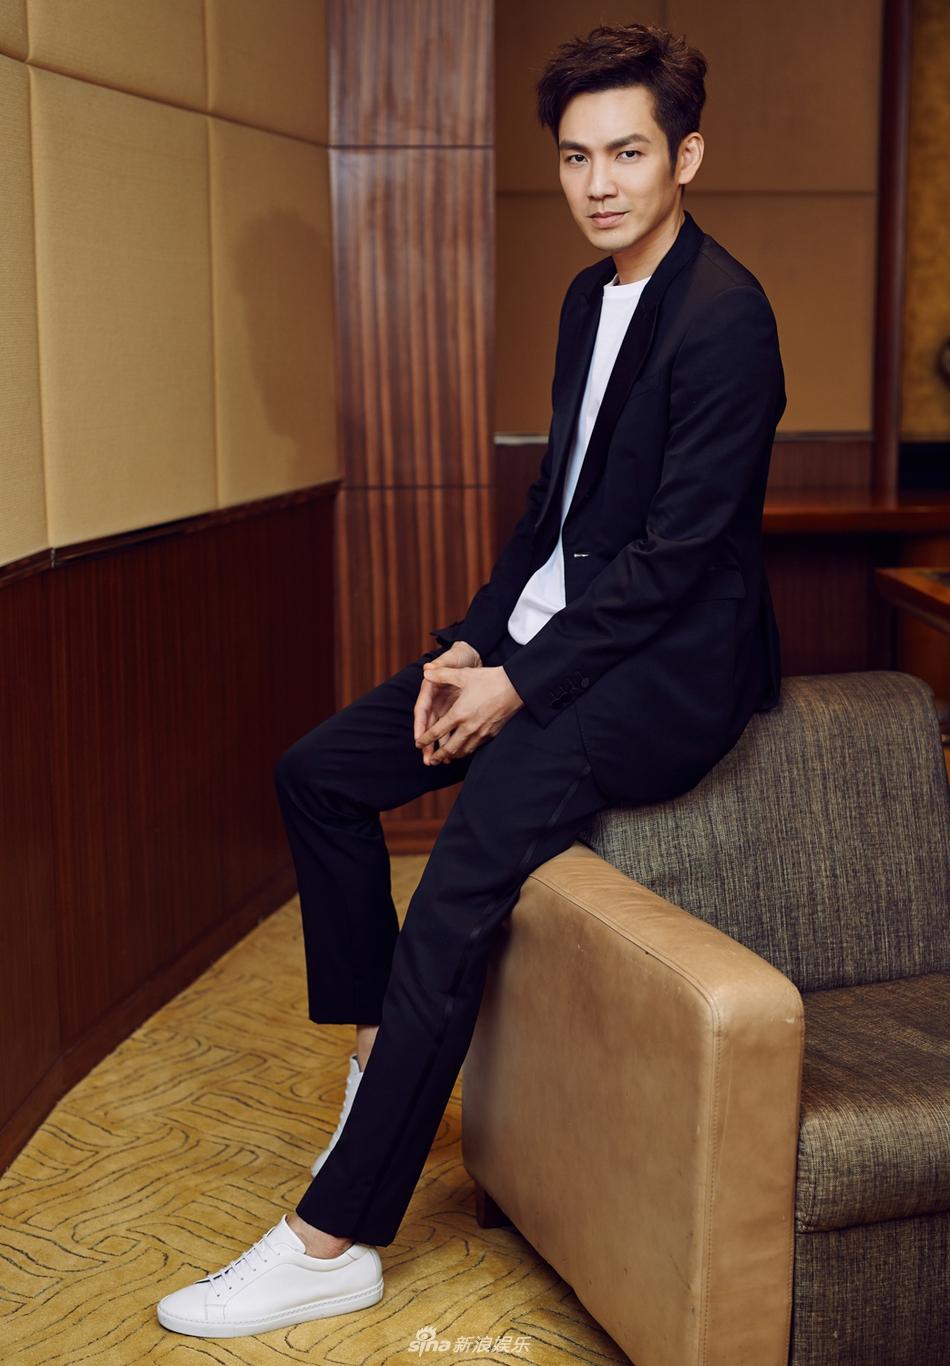 最帅的总裁_组图:霸道总裁即视感!钟汉良黑色西装帅气